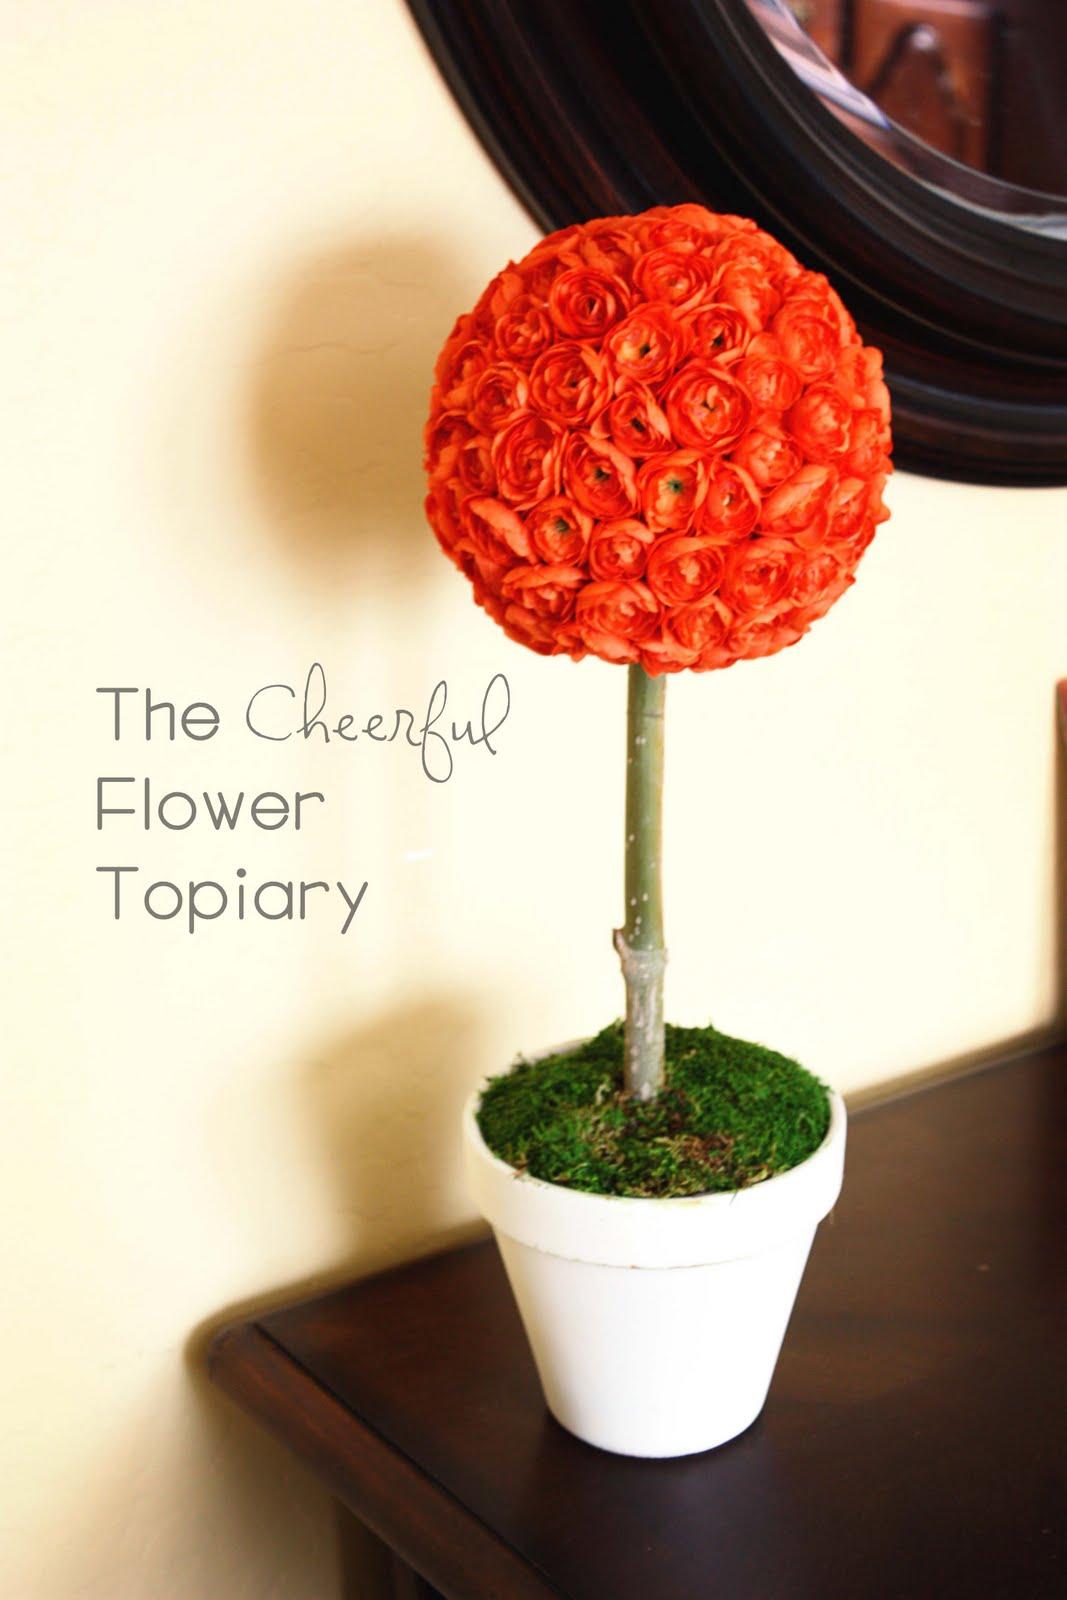 https://i1.wp.com/1.bp.blogspot.com/_RnXoW2W4kyI/TJtqAdG-EMI/AAAAAAAABTs/b_Ugl21GbmY/s1600/Flower+Topiary.jpg